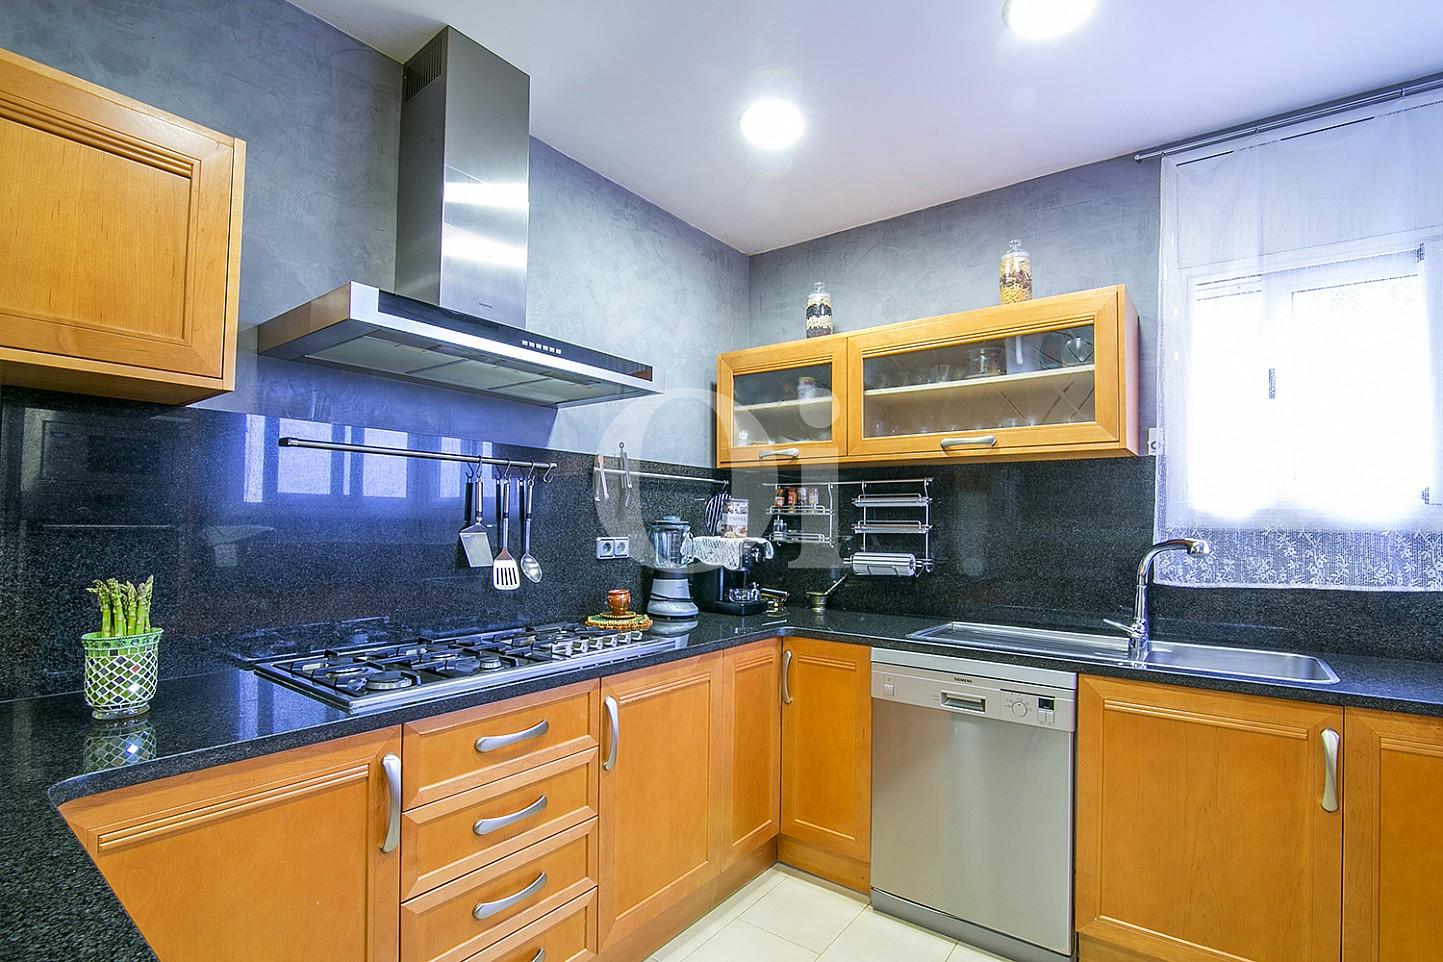 Cocina de casa en venta con vistas al mar en Lloret de Mar, Costa Brava